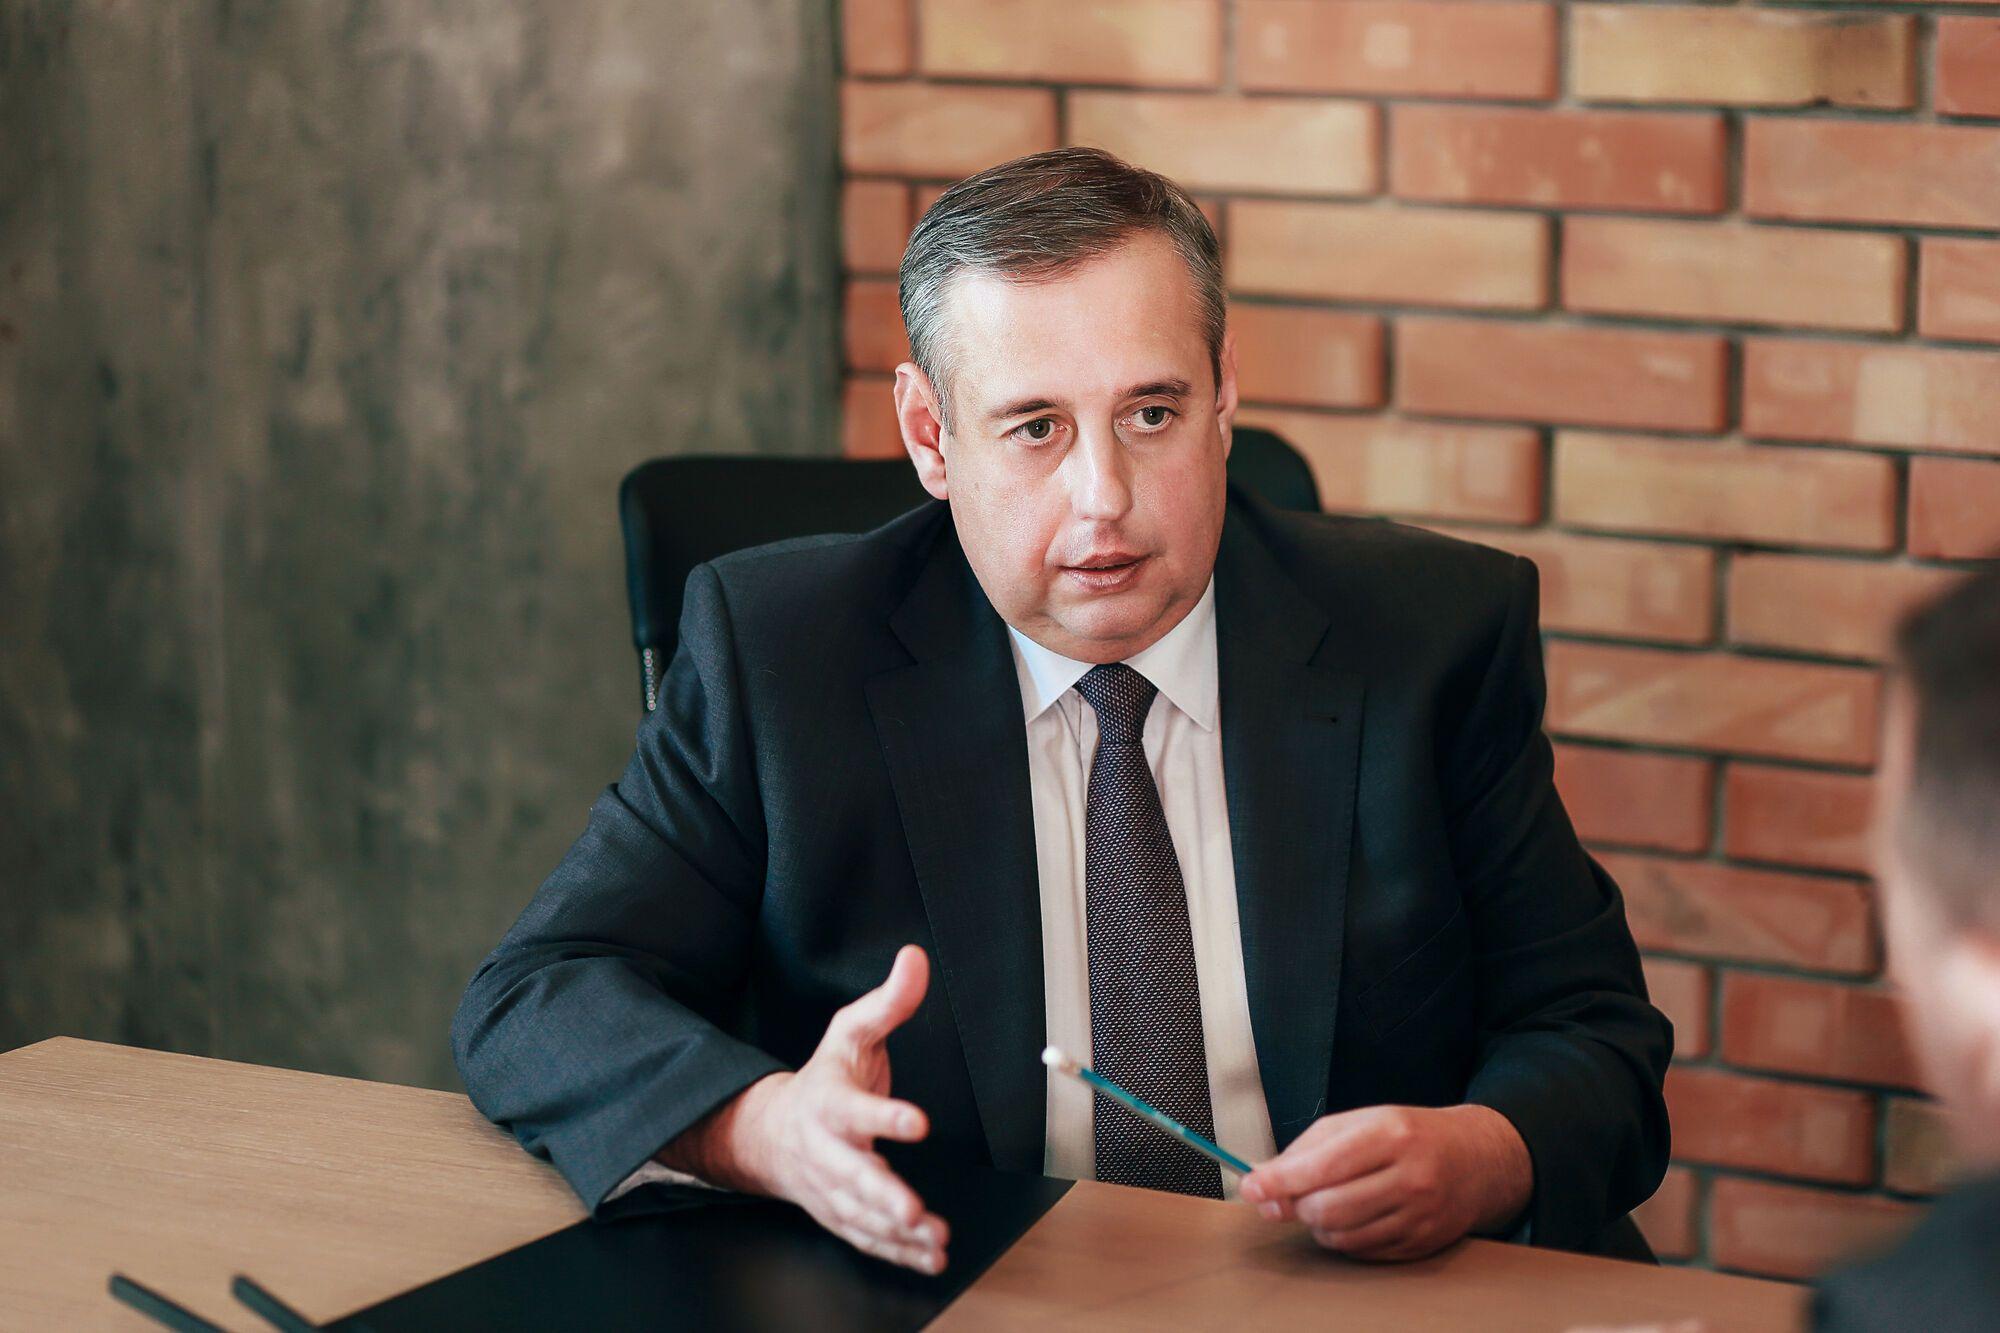 Дмитрий Исаенко, вице-президент Конфедерации строительства Украины